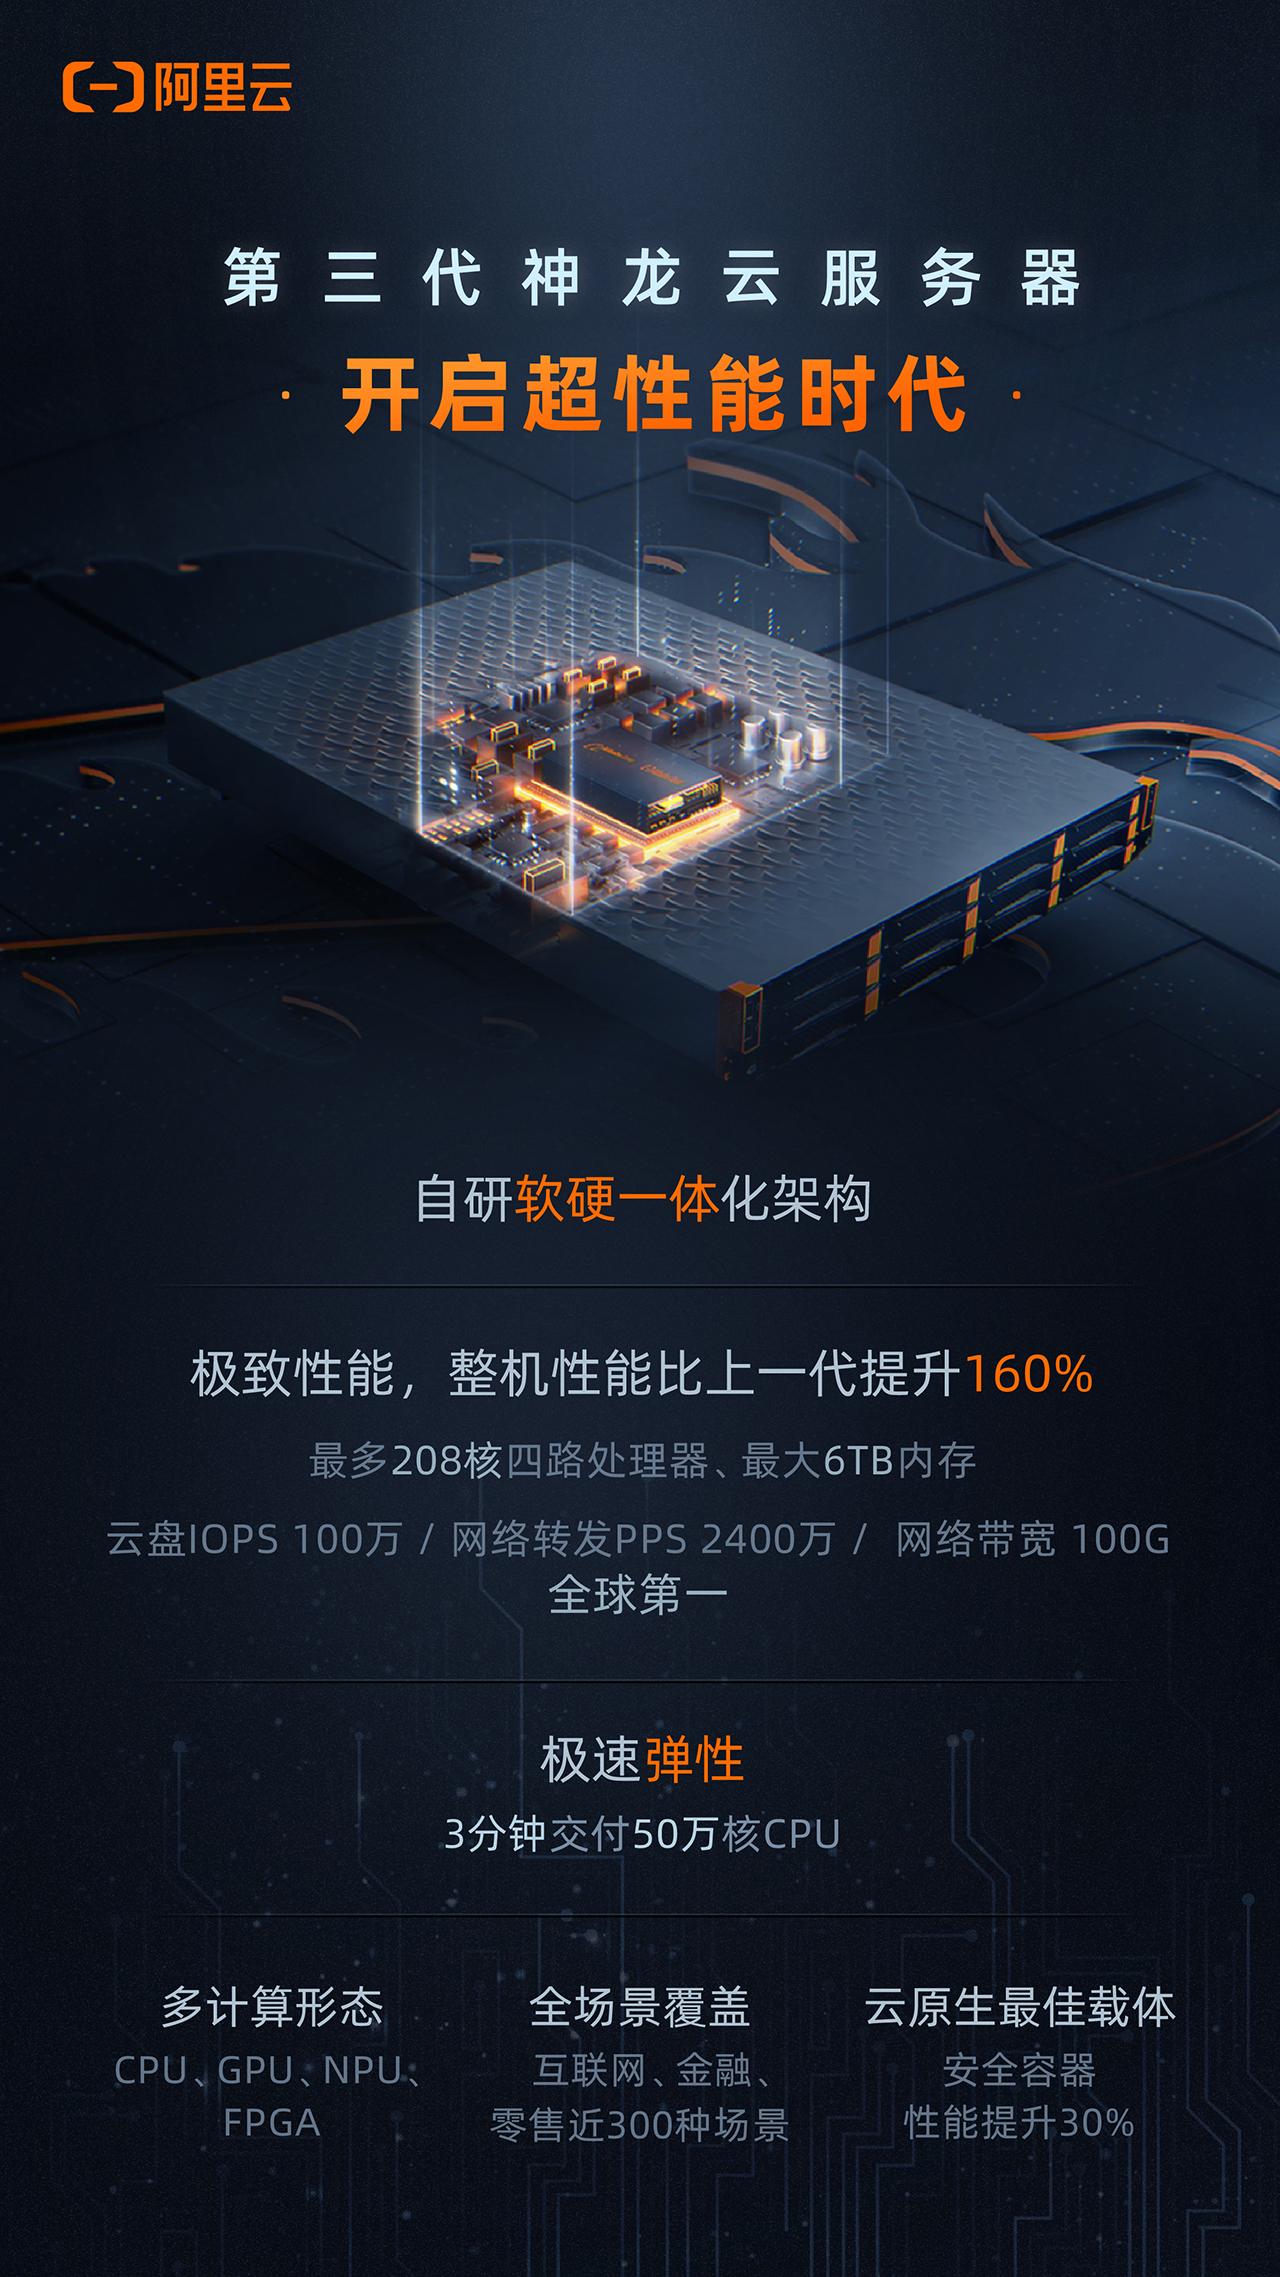 阿里云发布第三代神龙云服务器 :性能提升160% 为全球提供顶级算力